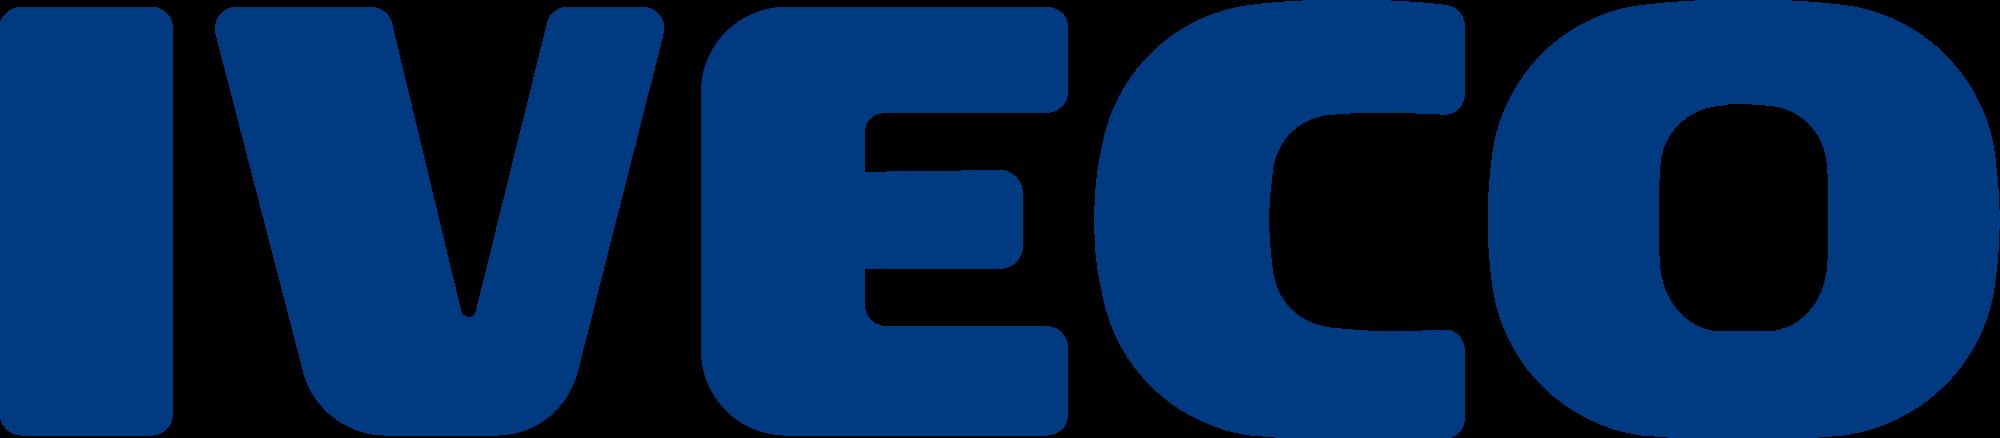 Iveco - Internationale Hersteller und Anbieter von Lkw, Teile und Dieselmotoren.